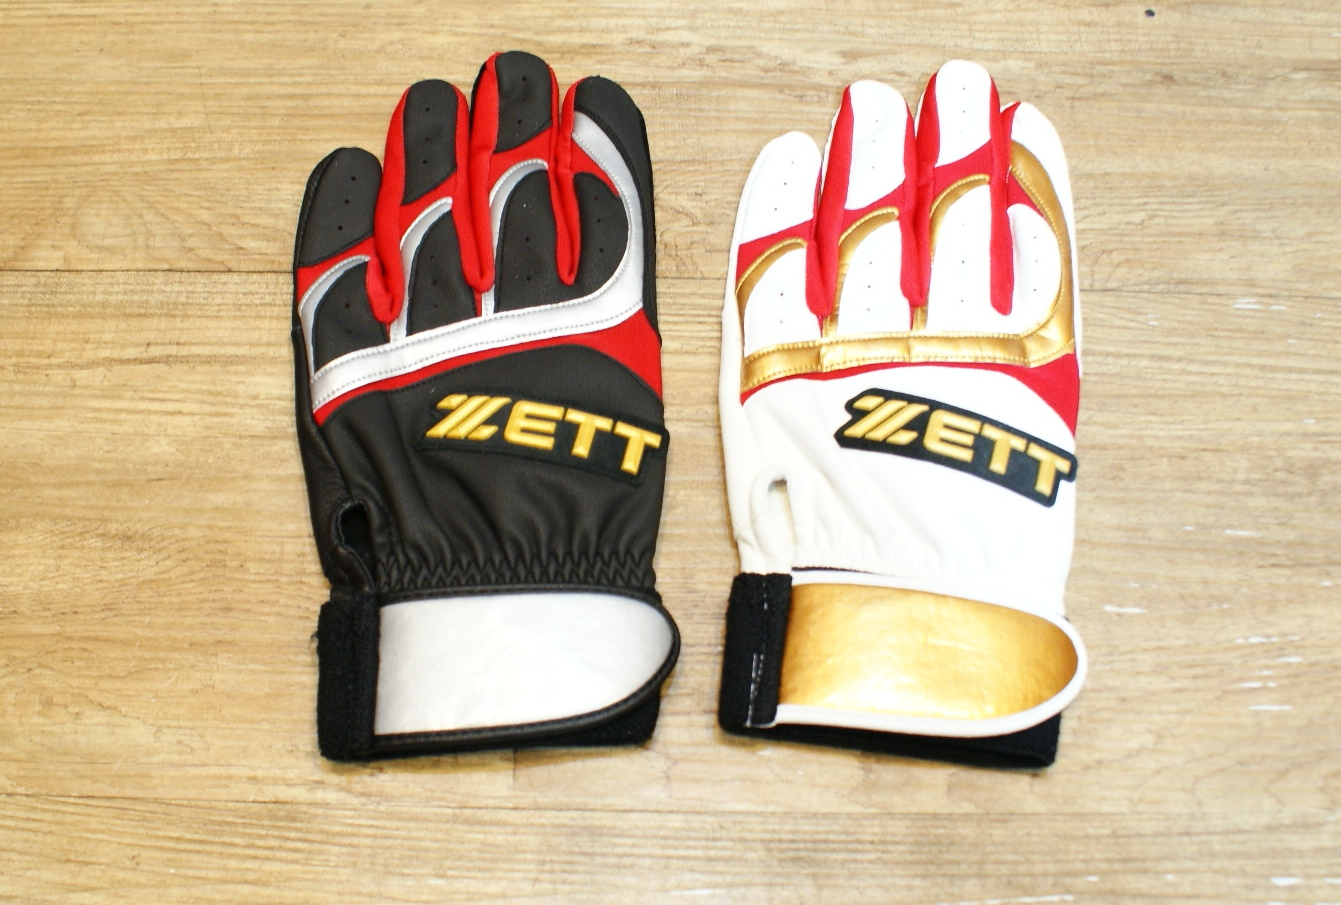 棒球世界 全新13年 ZETT 綿羊皮打擊手套 特價 顏色裁斷設計皆同日本